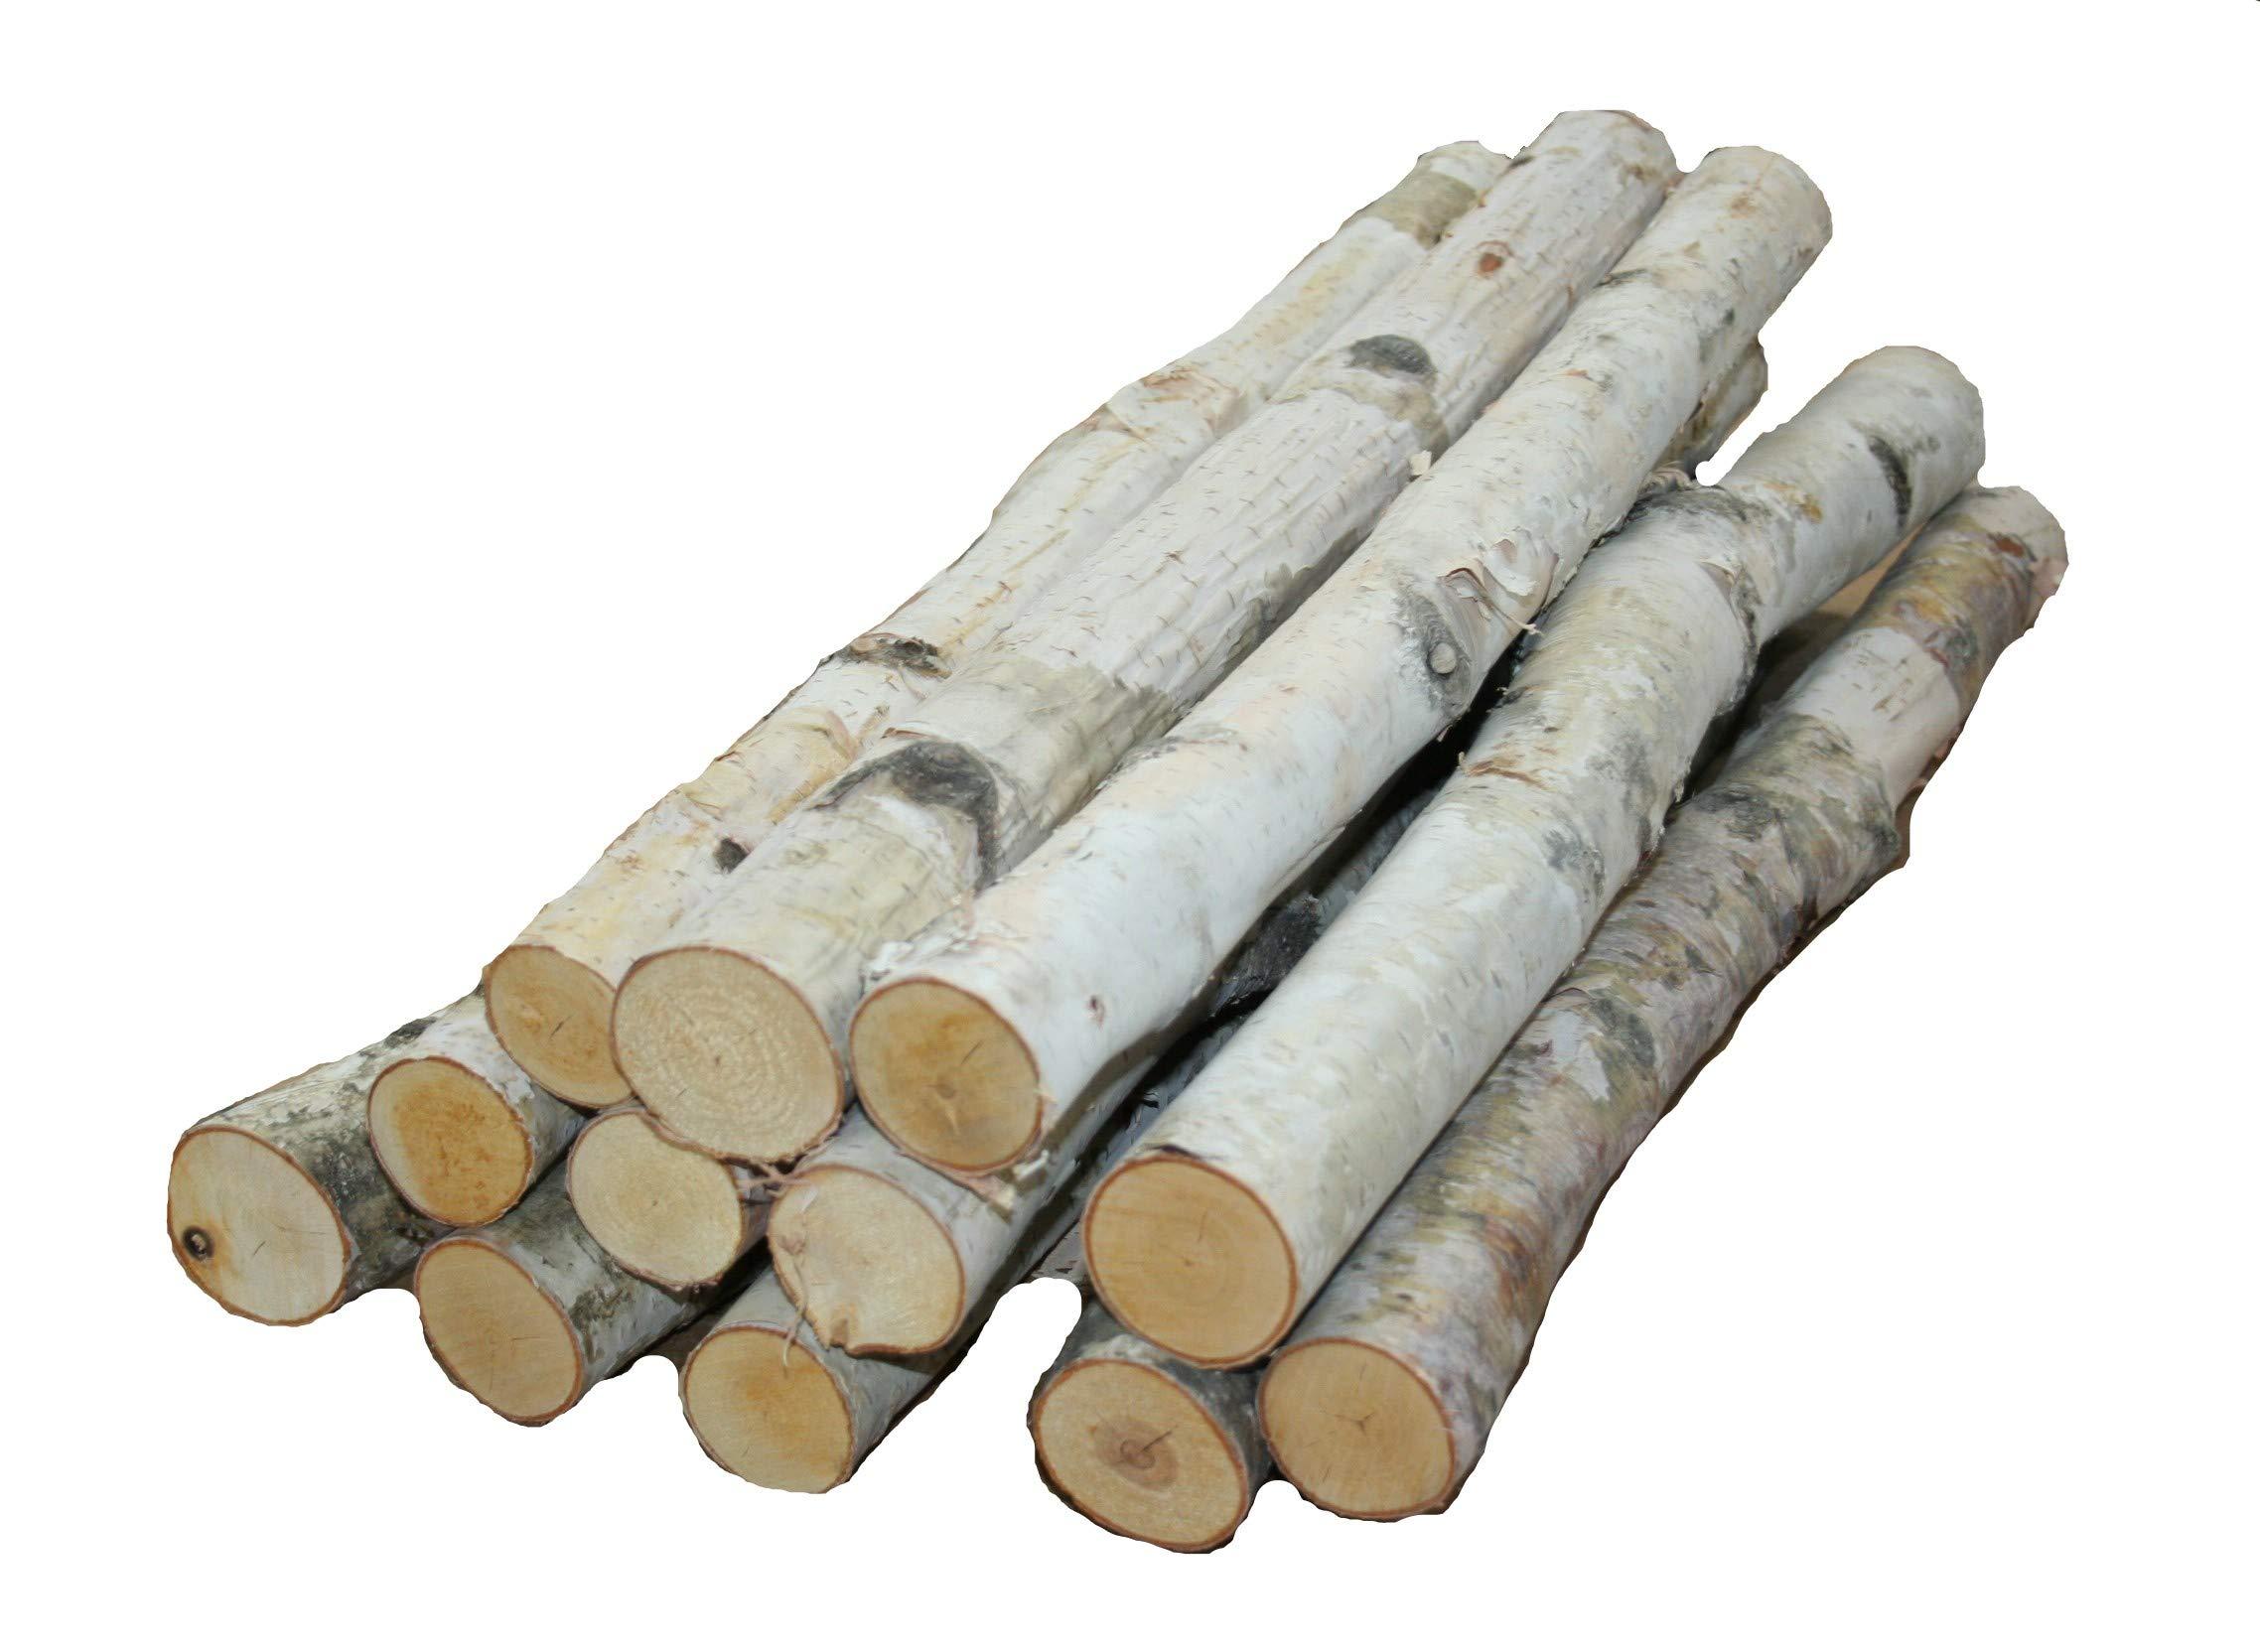 Wilson Enterprises, Inc. Birch logs 1'' to 1.5'' x 18'' Long - Set of 12 logs by Wilson Enterprises, Inc.